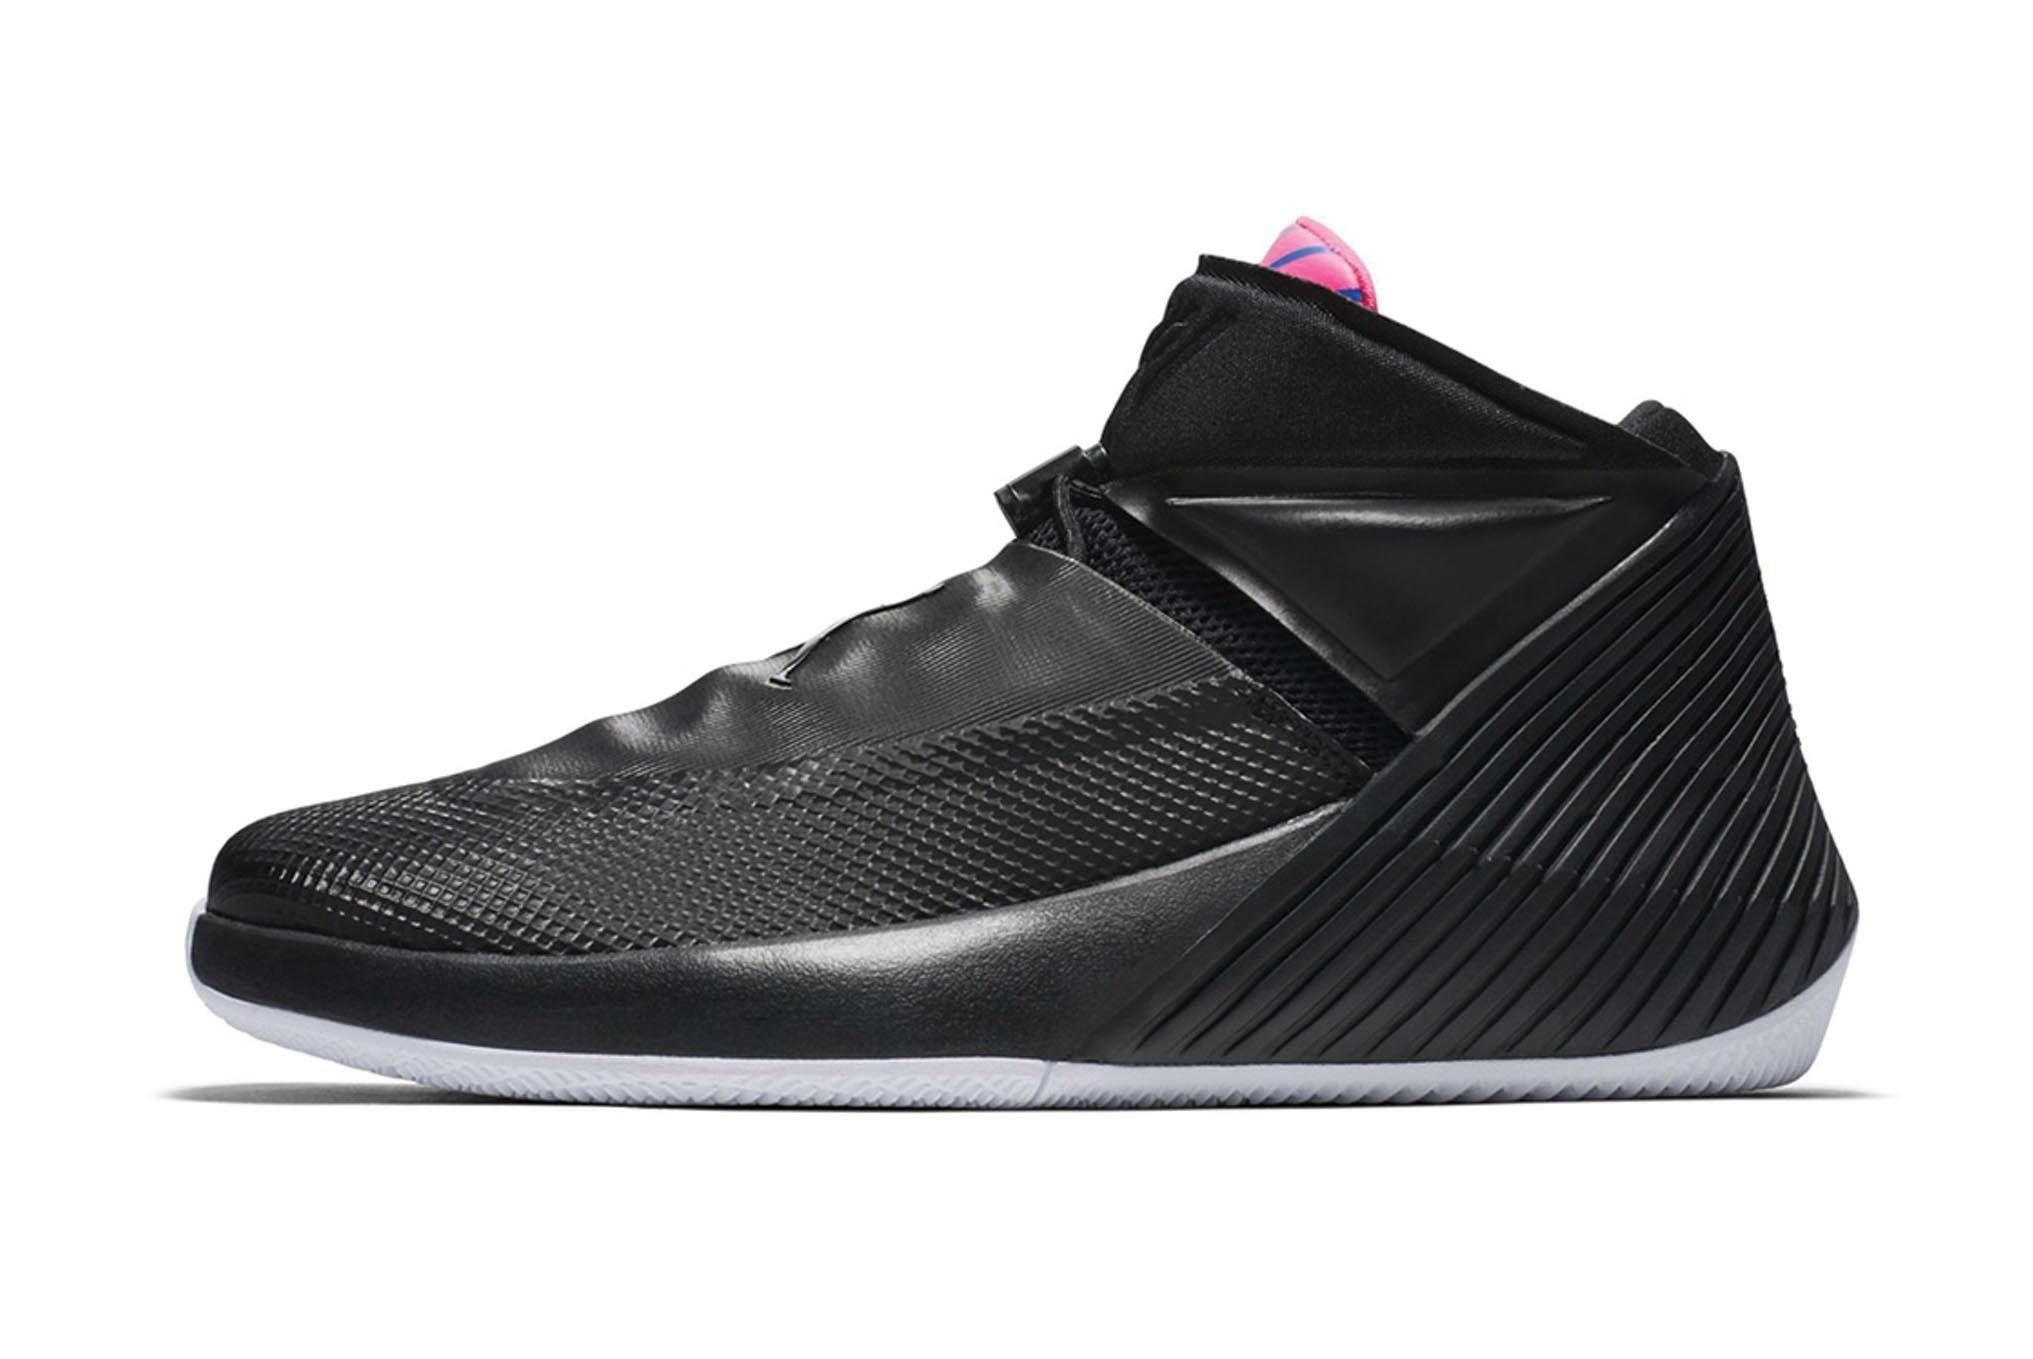 Jordan Why Not Zer01 Phd First Look 001 Sneaker Freaker